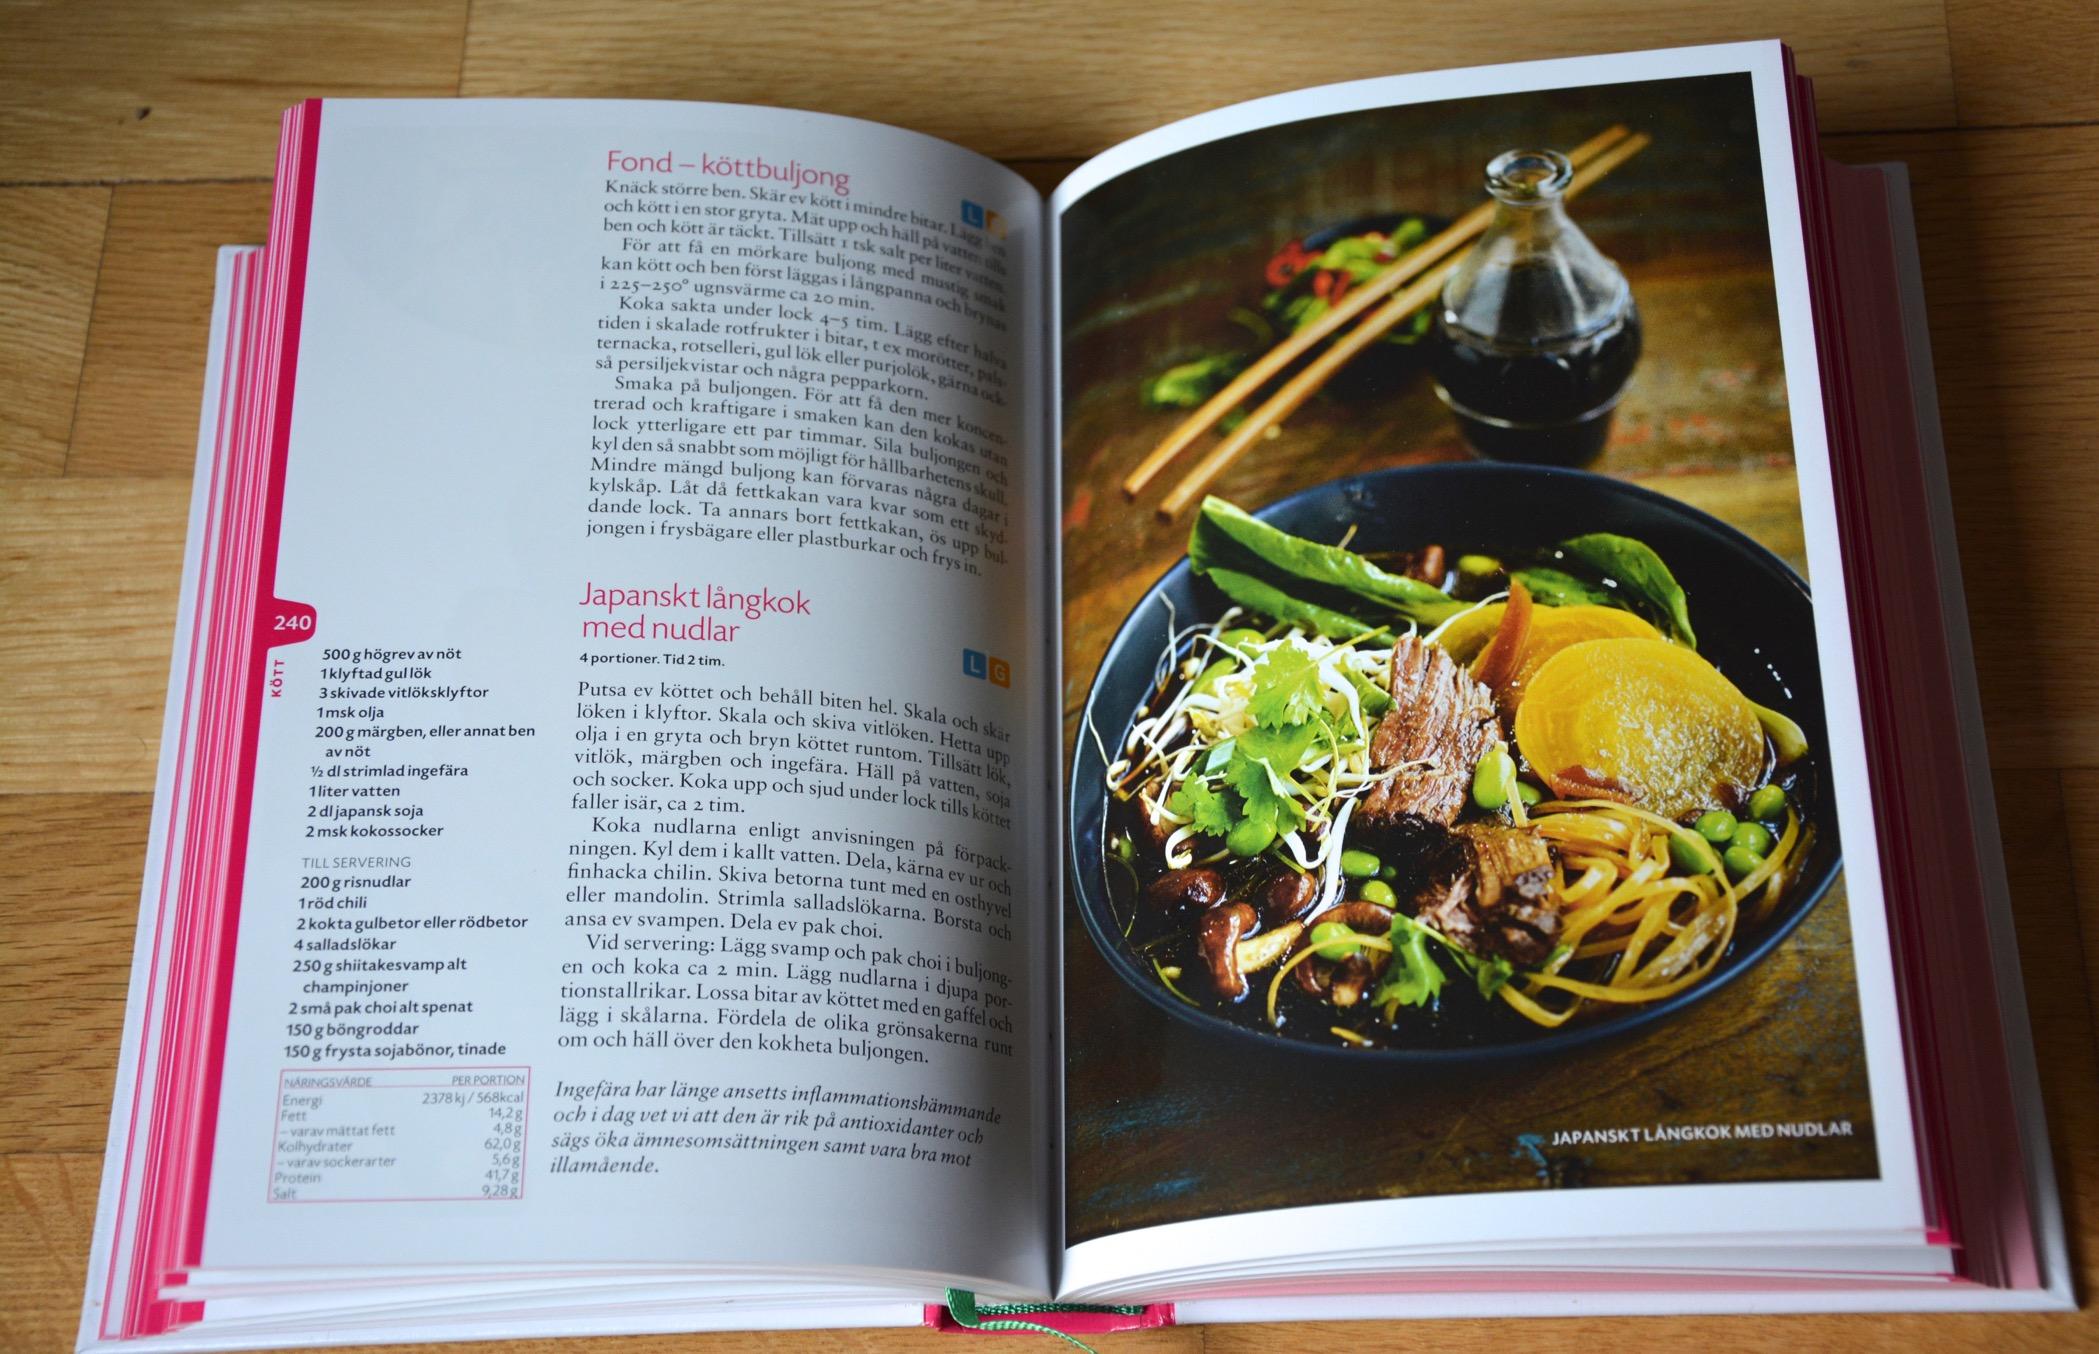 vår kokbok recept